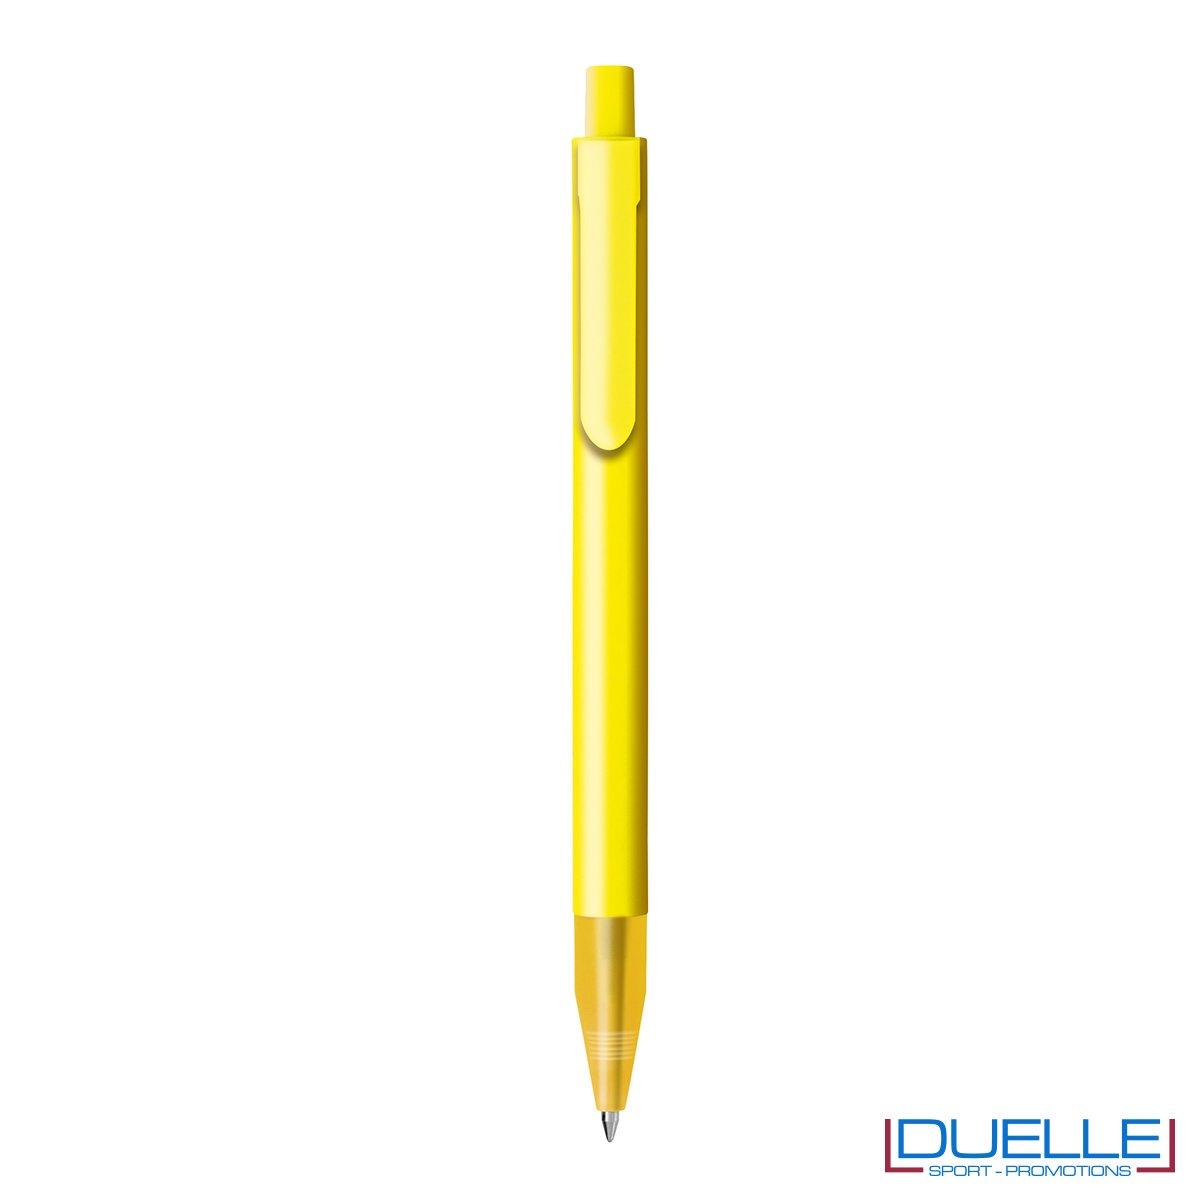 Penna personalizzata con fusto in plastica finitura satinata colore giallo